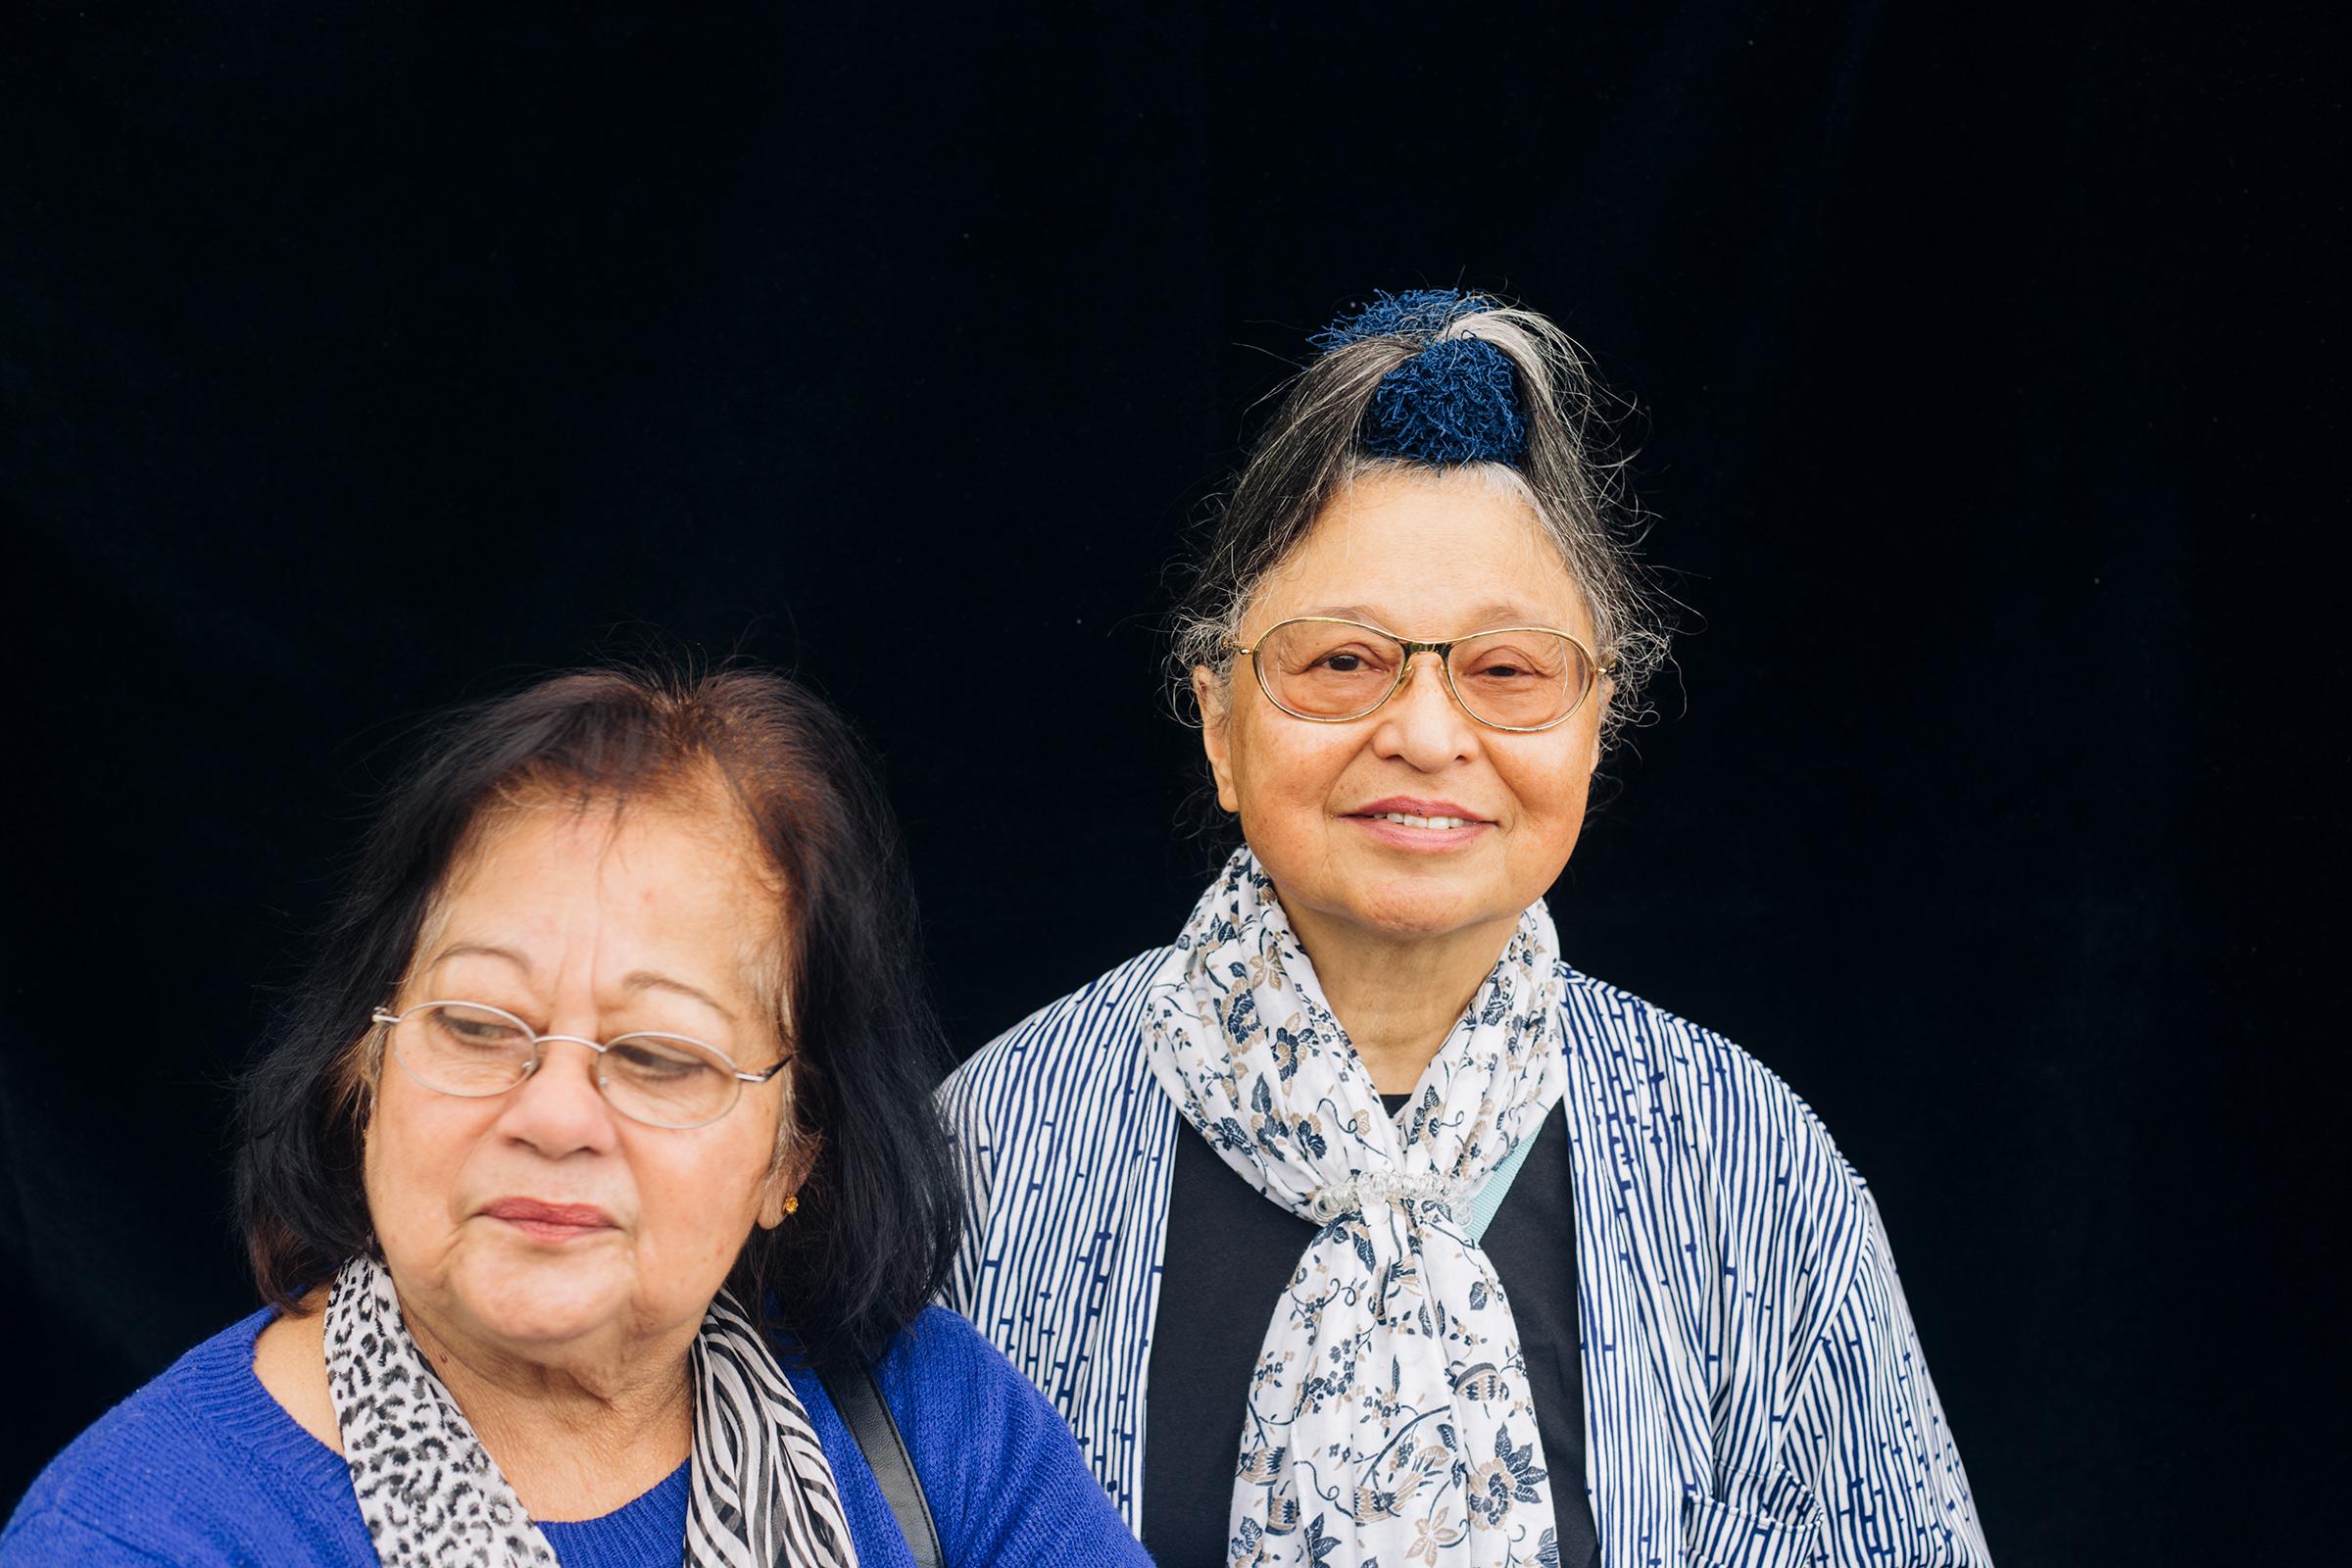 Lize & Silvia. Deelnemers theatergroep De Eigenwijzen.